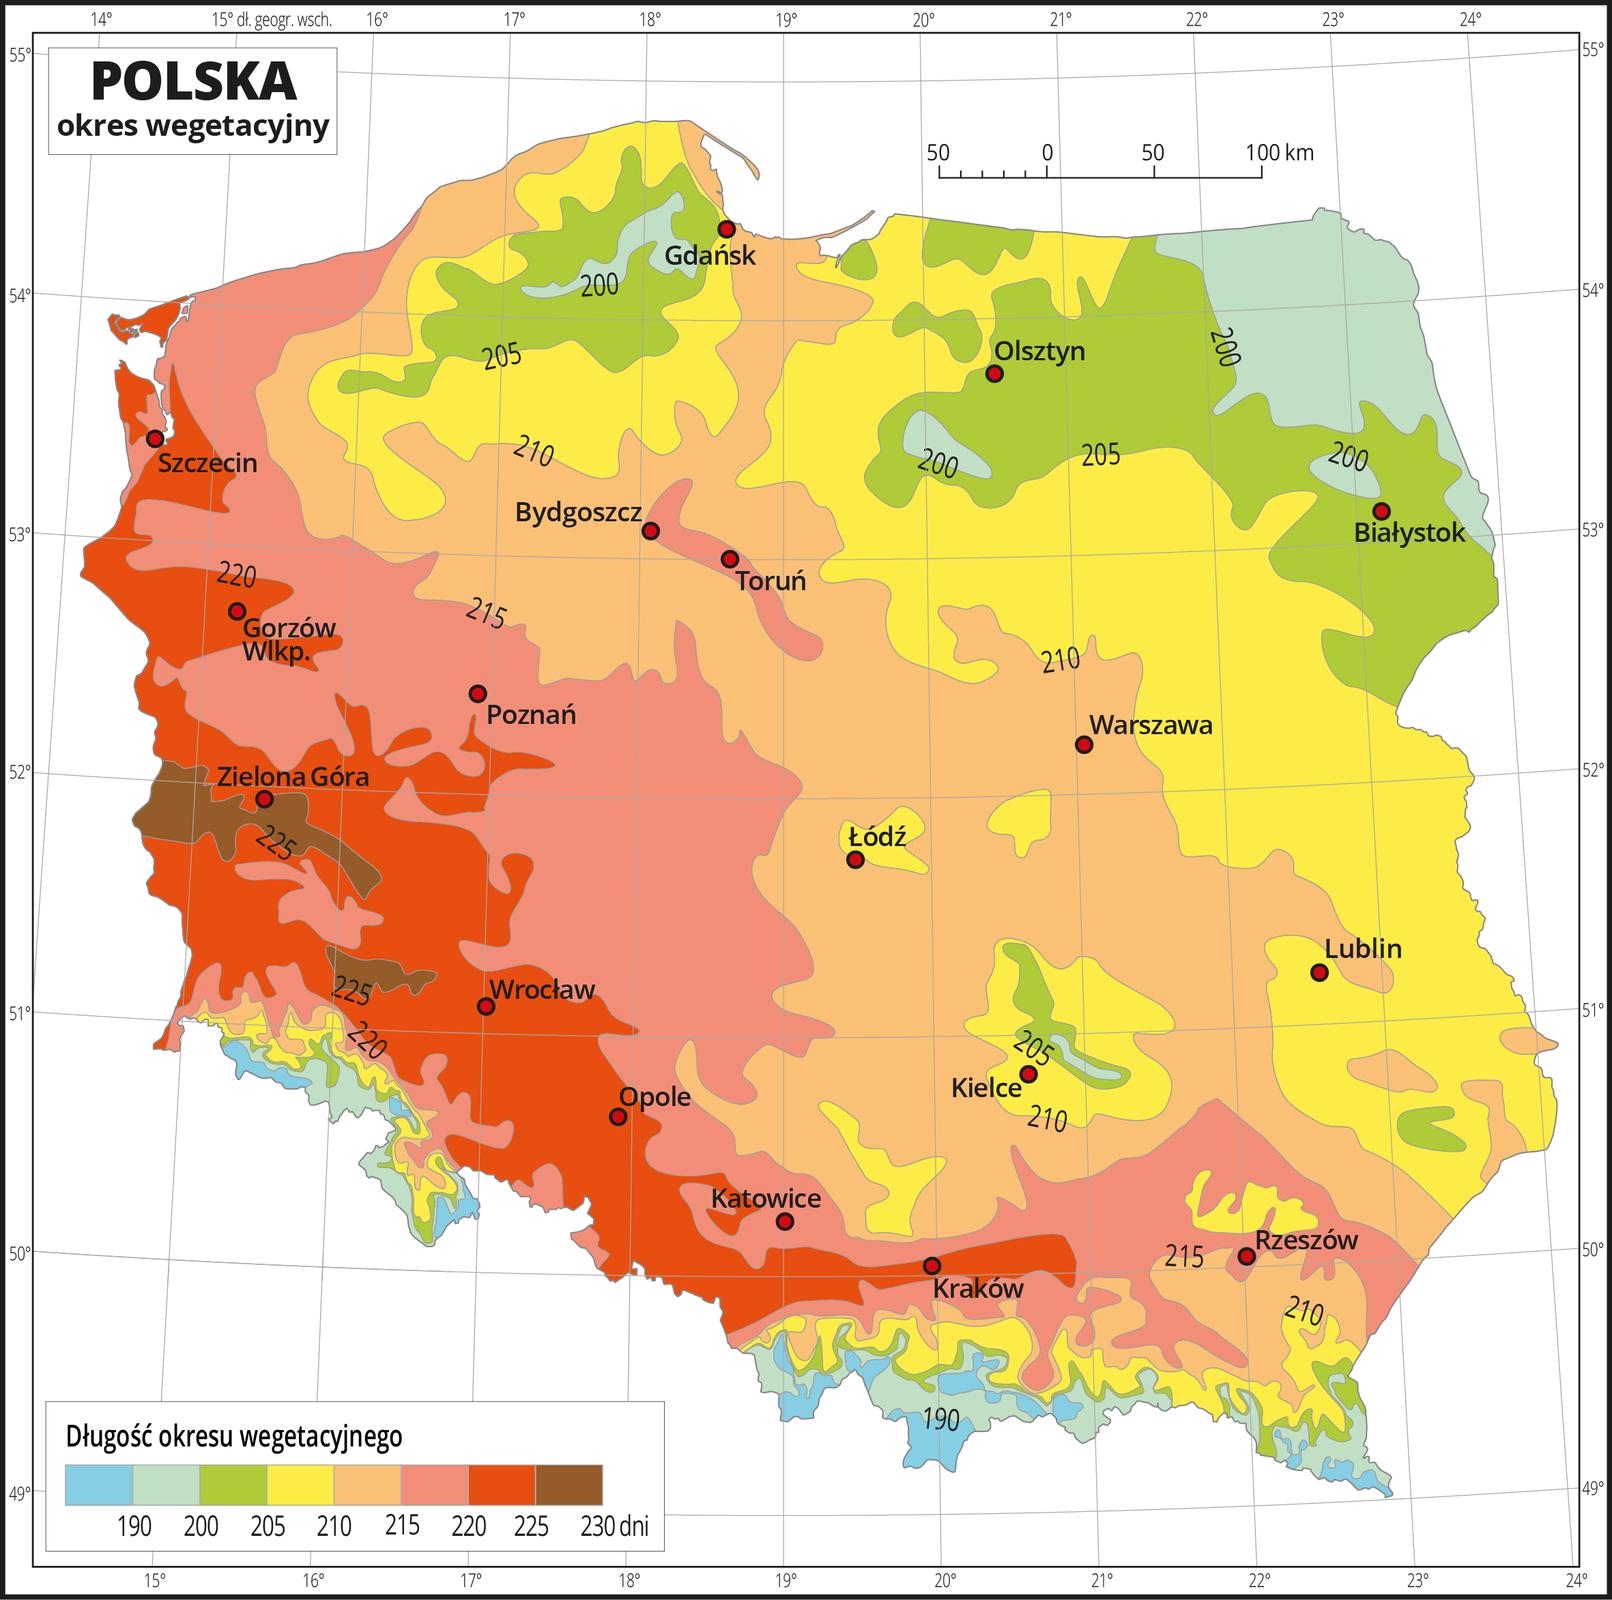 Ilustracja przedstawia mapę Polski. Na mapie kolorami zaznaczono długość okresu wegetacyjnego. Zlewej strony mapy jest kolor brązowy, przechodzący wkierunku wschodnim wczerwony, potem żółty, zielony do zielono-niebieskiego. Najwięcej obszarów wkolorze zielonym izielono-niebieskim występuje na północnym-wschodzie ina południu. Wpołudniowej części mapy, obejmującej góry występuje również kolor niebieski. Na izoliniach opisano długość okresu wegetacyjnego od stu dziewięćdziesięciu dni – kolor niebieski do dwustu trzydziestu dni – kolor brązowy. Czerwonymi punktami zaznaczono miasta wojewódzkie. Mapa pokryta jest siatką równoleżników ipołudników. Dookoła mapy jest biała ramka, wktórej opisane są współrzędne geograficzne. Poniżej mapy wlegendzie umieszczono prostokątny poziomy pasek. Pasek podzielono na osiem kolorów. Zlewej strony niebieski, niebiesko-zielony, dalej zielony przez żółty, pomarańczowy iczerwony do brązowego. Na izoliniach opisano długość okresu wegetacyjnego od stu dziewięćdziesięciu dni – kolor niebieski do dwustu trzydziestu dni – kolor brązowy. Opisano izolinie sto dziewięćdziesiąt dni, dwieście, dwieście pięć, dwieście dziesięć, dwieście piętnaście, dwieście dwadzieścia, dwieście dwadzieścia pięć, dwieście trzydzieści dni.